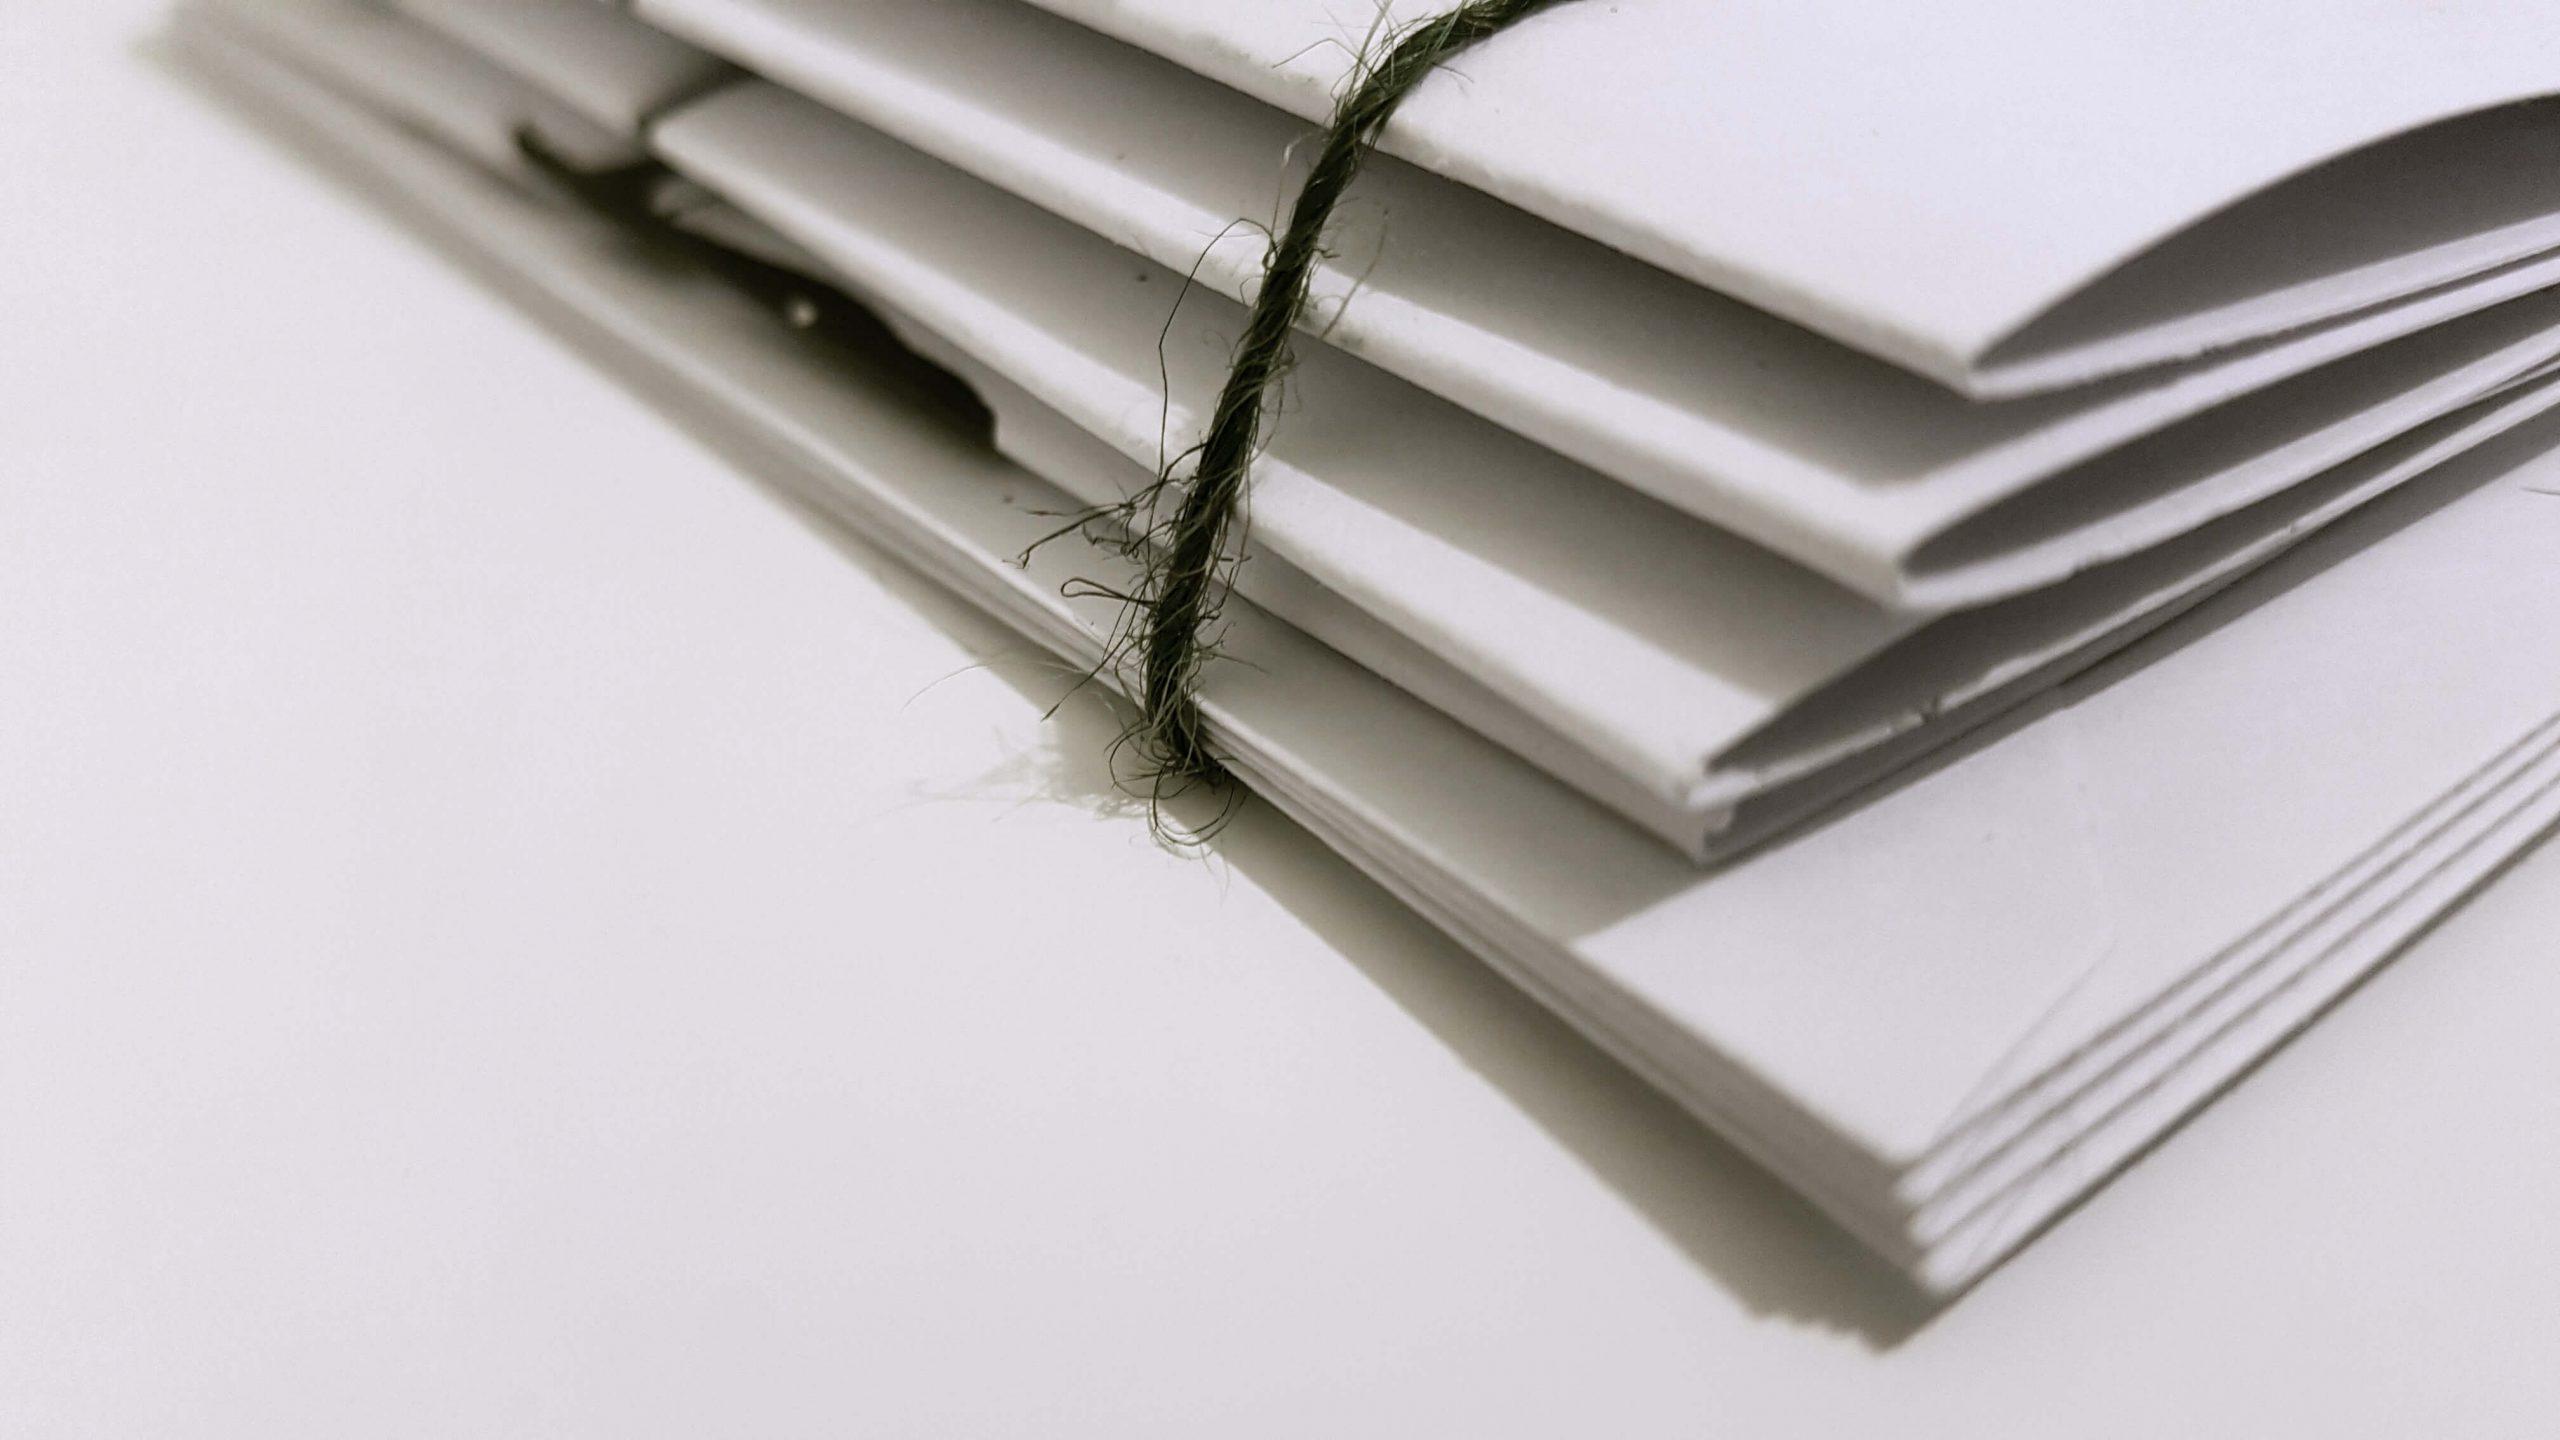 dokumenty w papierowych teczkach leżące na stole